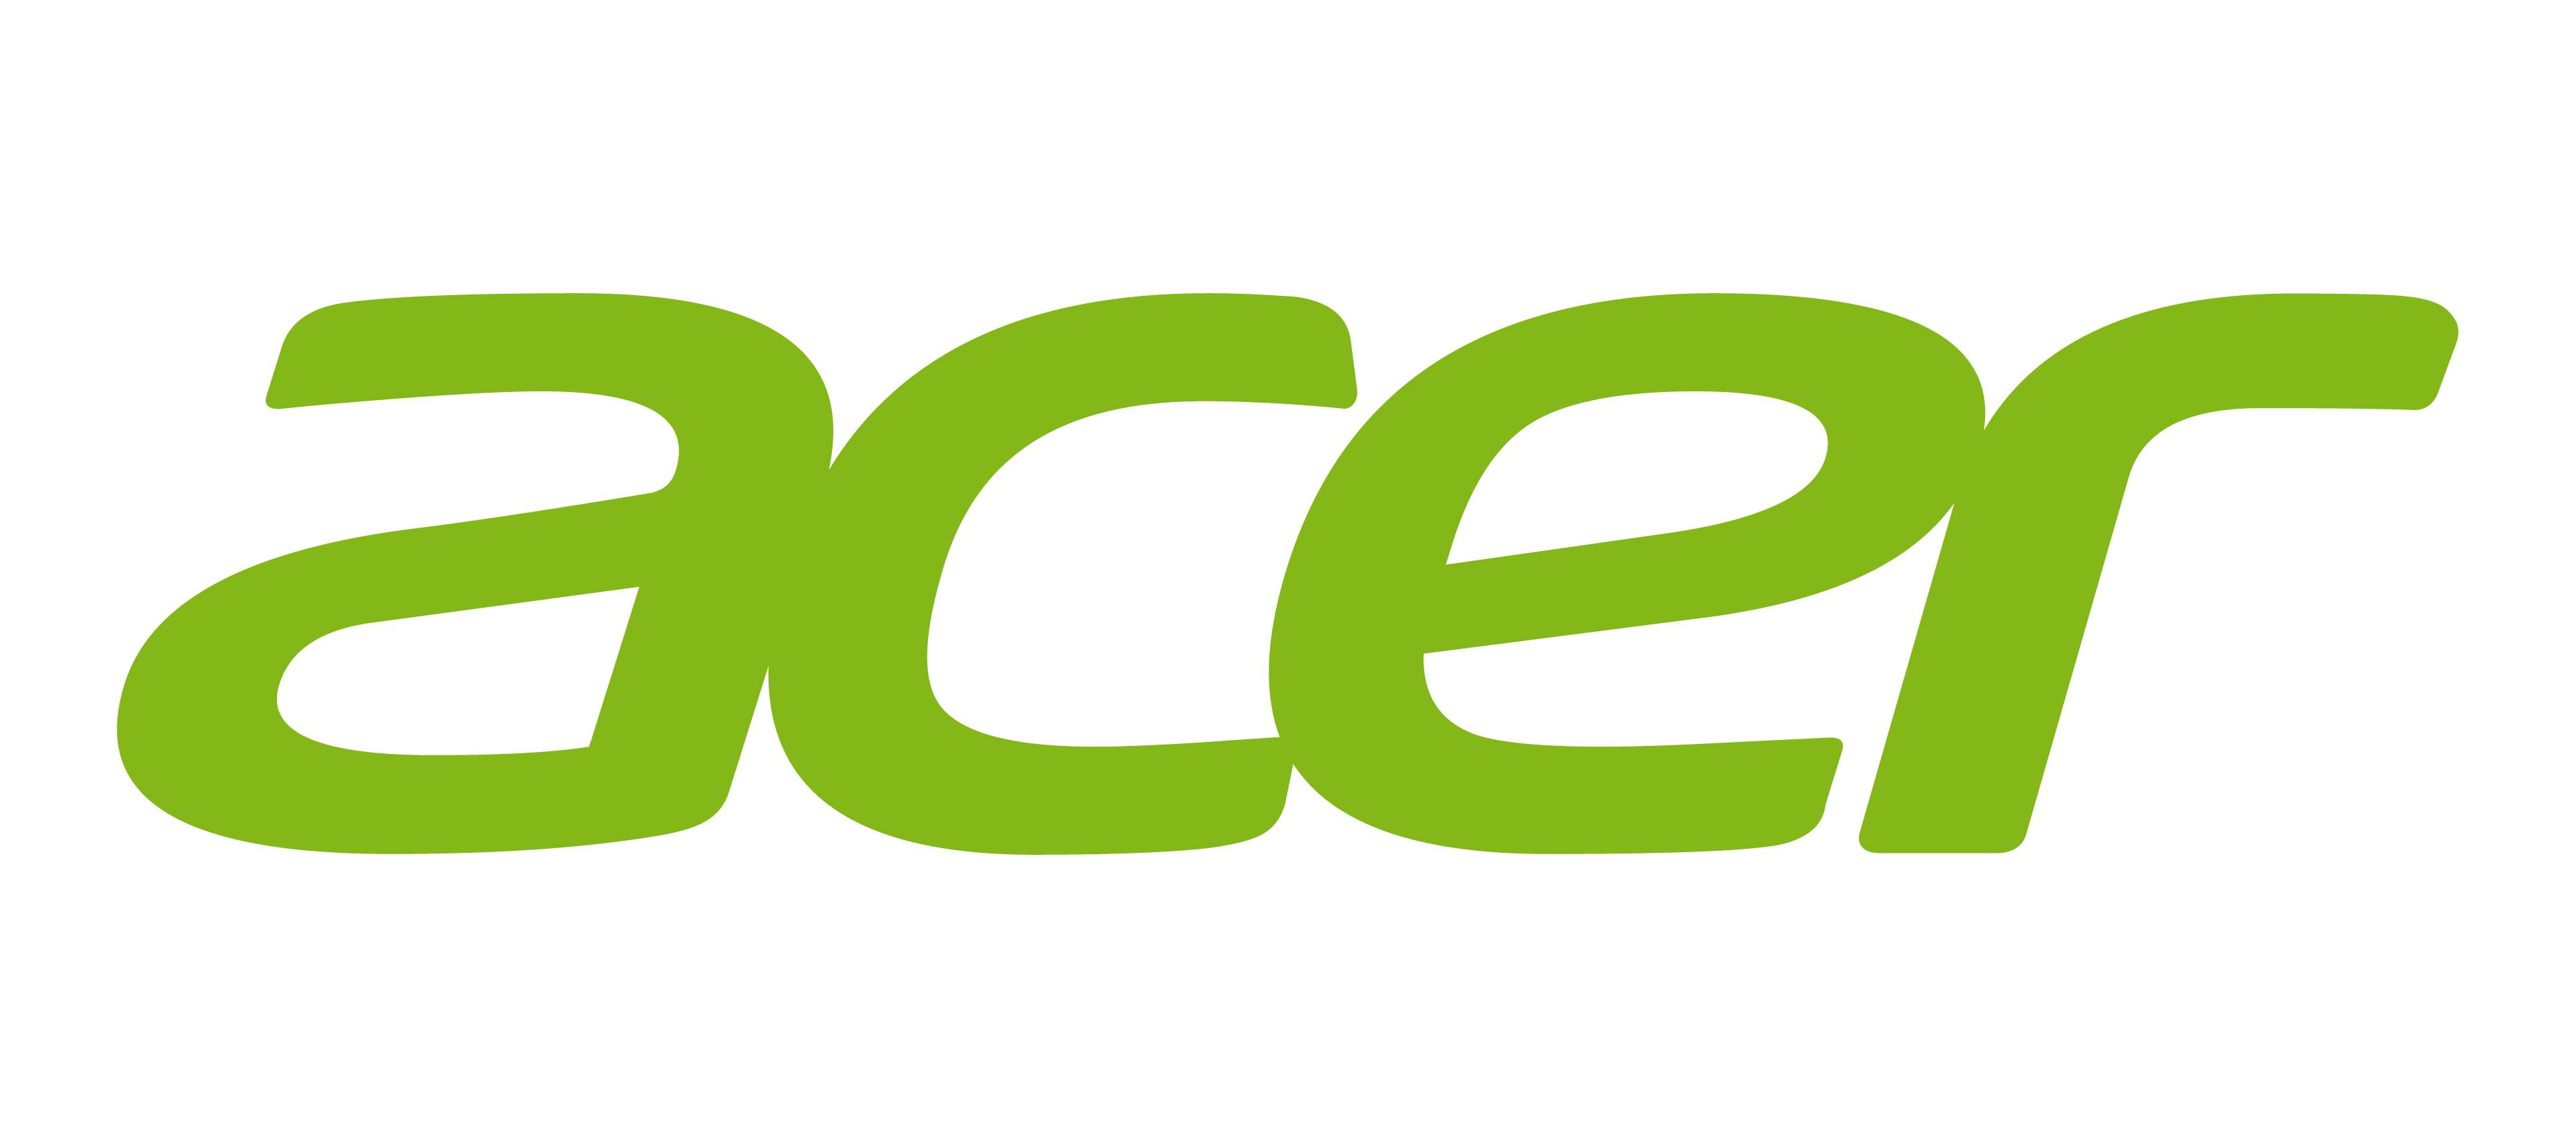 Acer Travelmate TM5744.